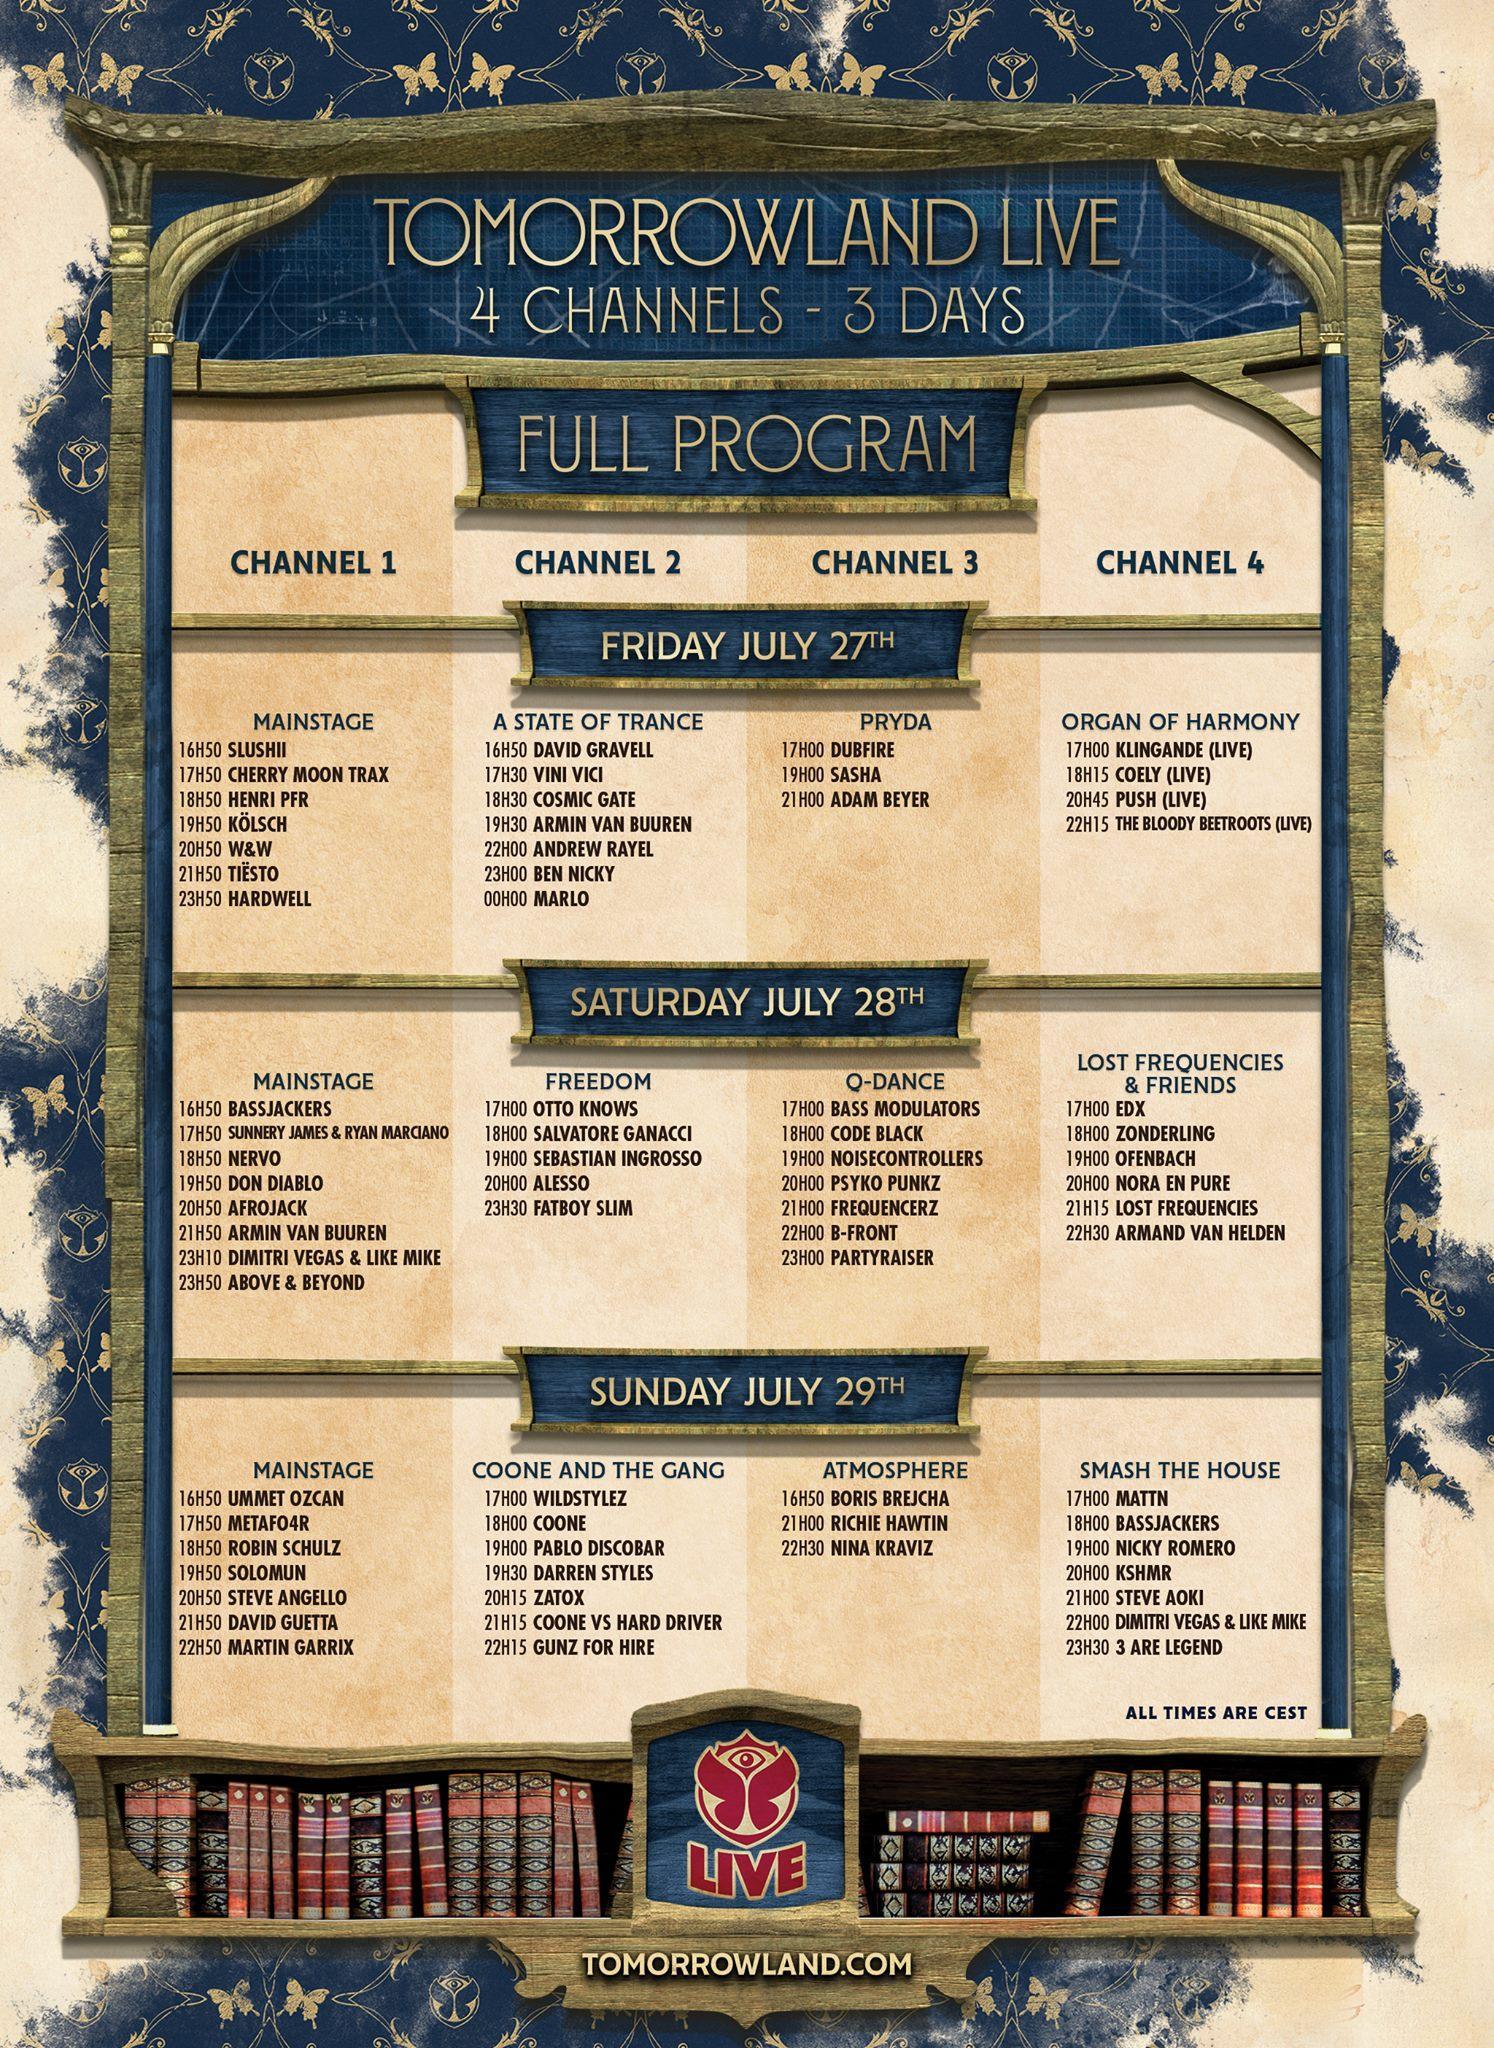 Am zweiten Wochenende erwarten Sie mehr als 70 DJs im Livestream vom Tomorrowland. Klicken Sie auf das Bild für eine größere Ansicht